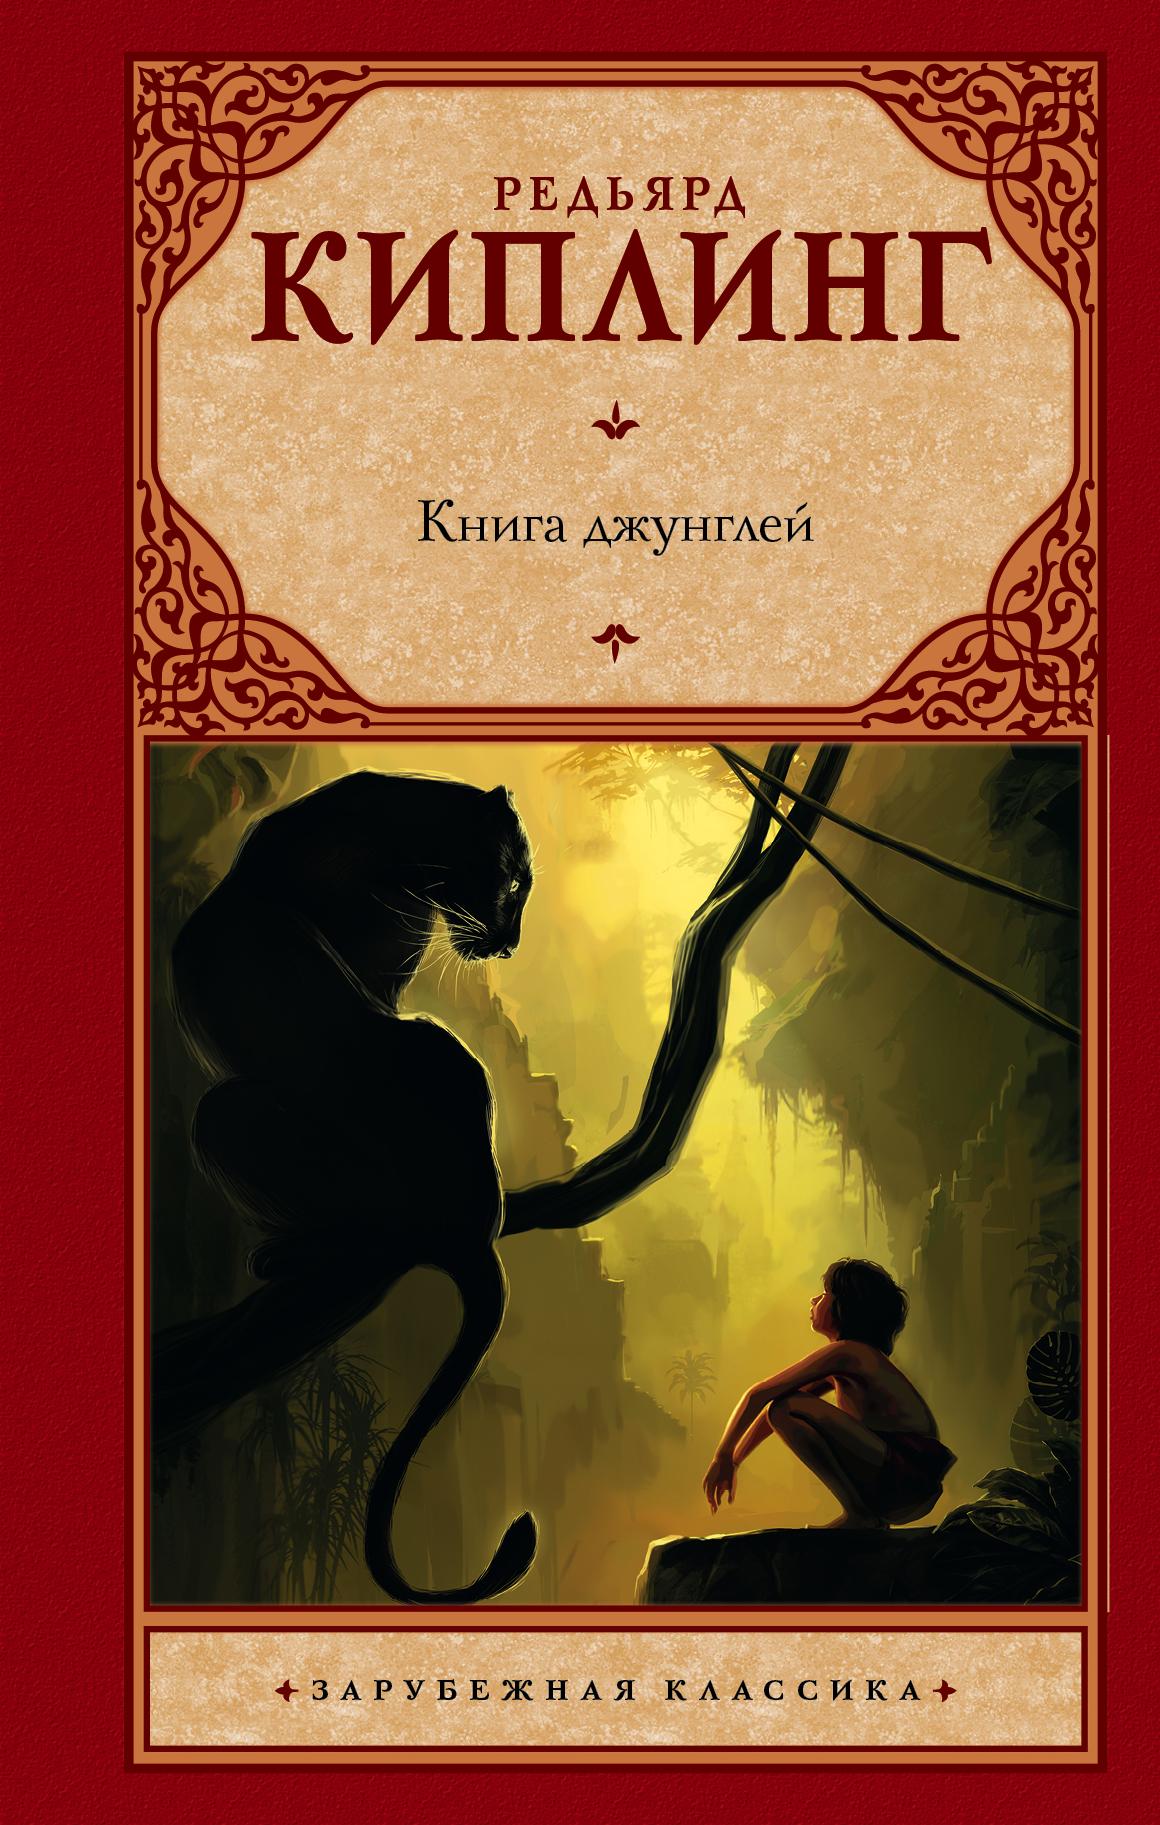 Киплинг Р. Книга джунглей фигурки игрушки prostotoys каа маугли